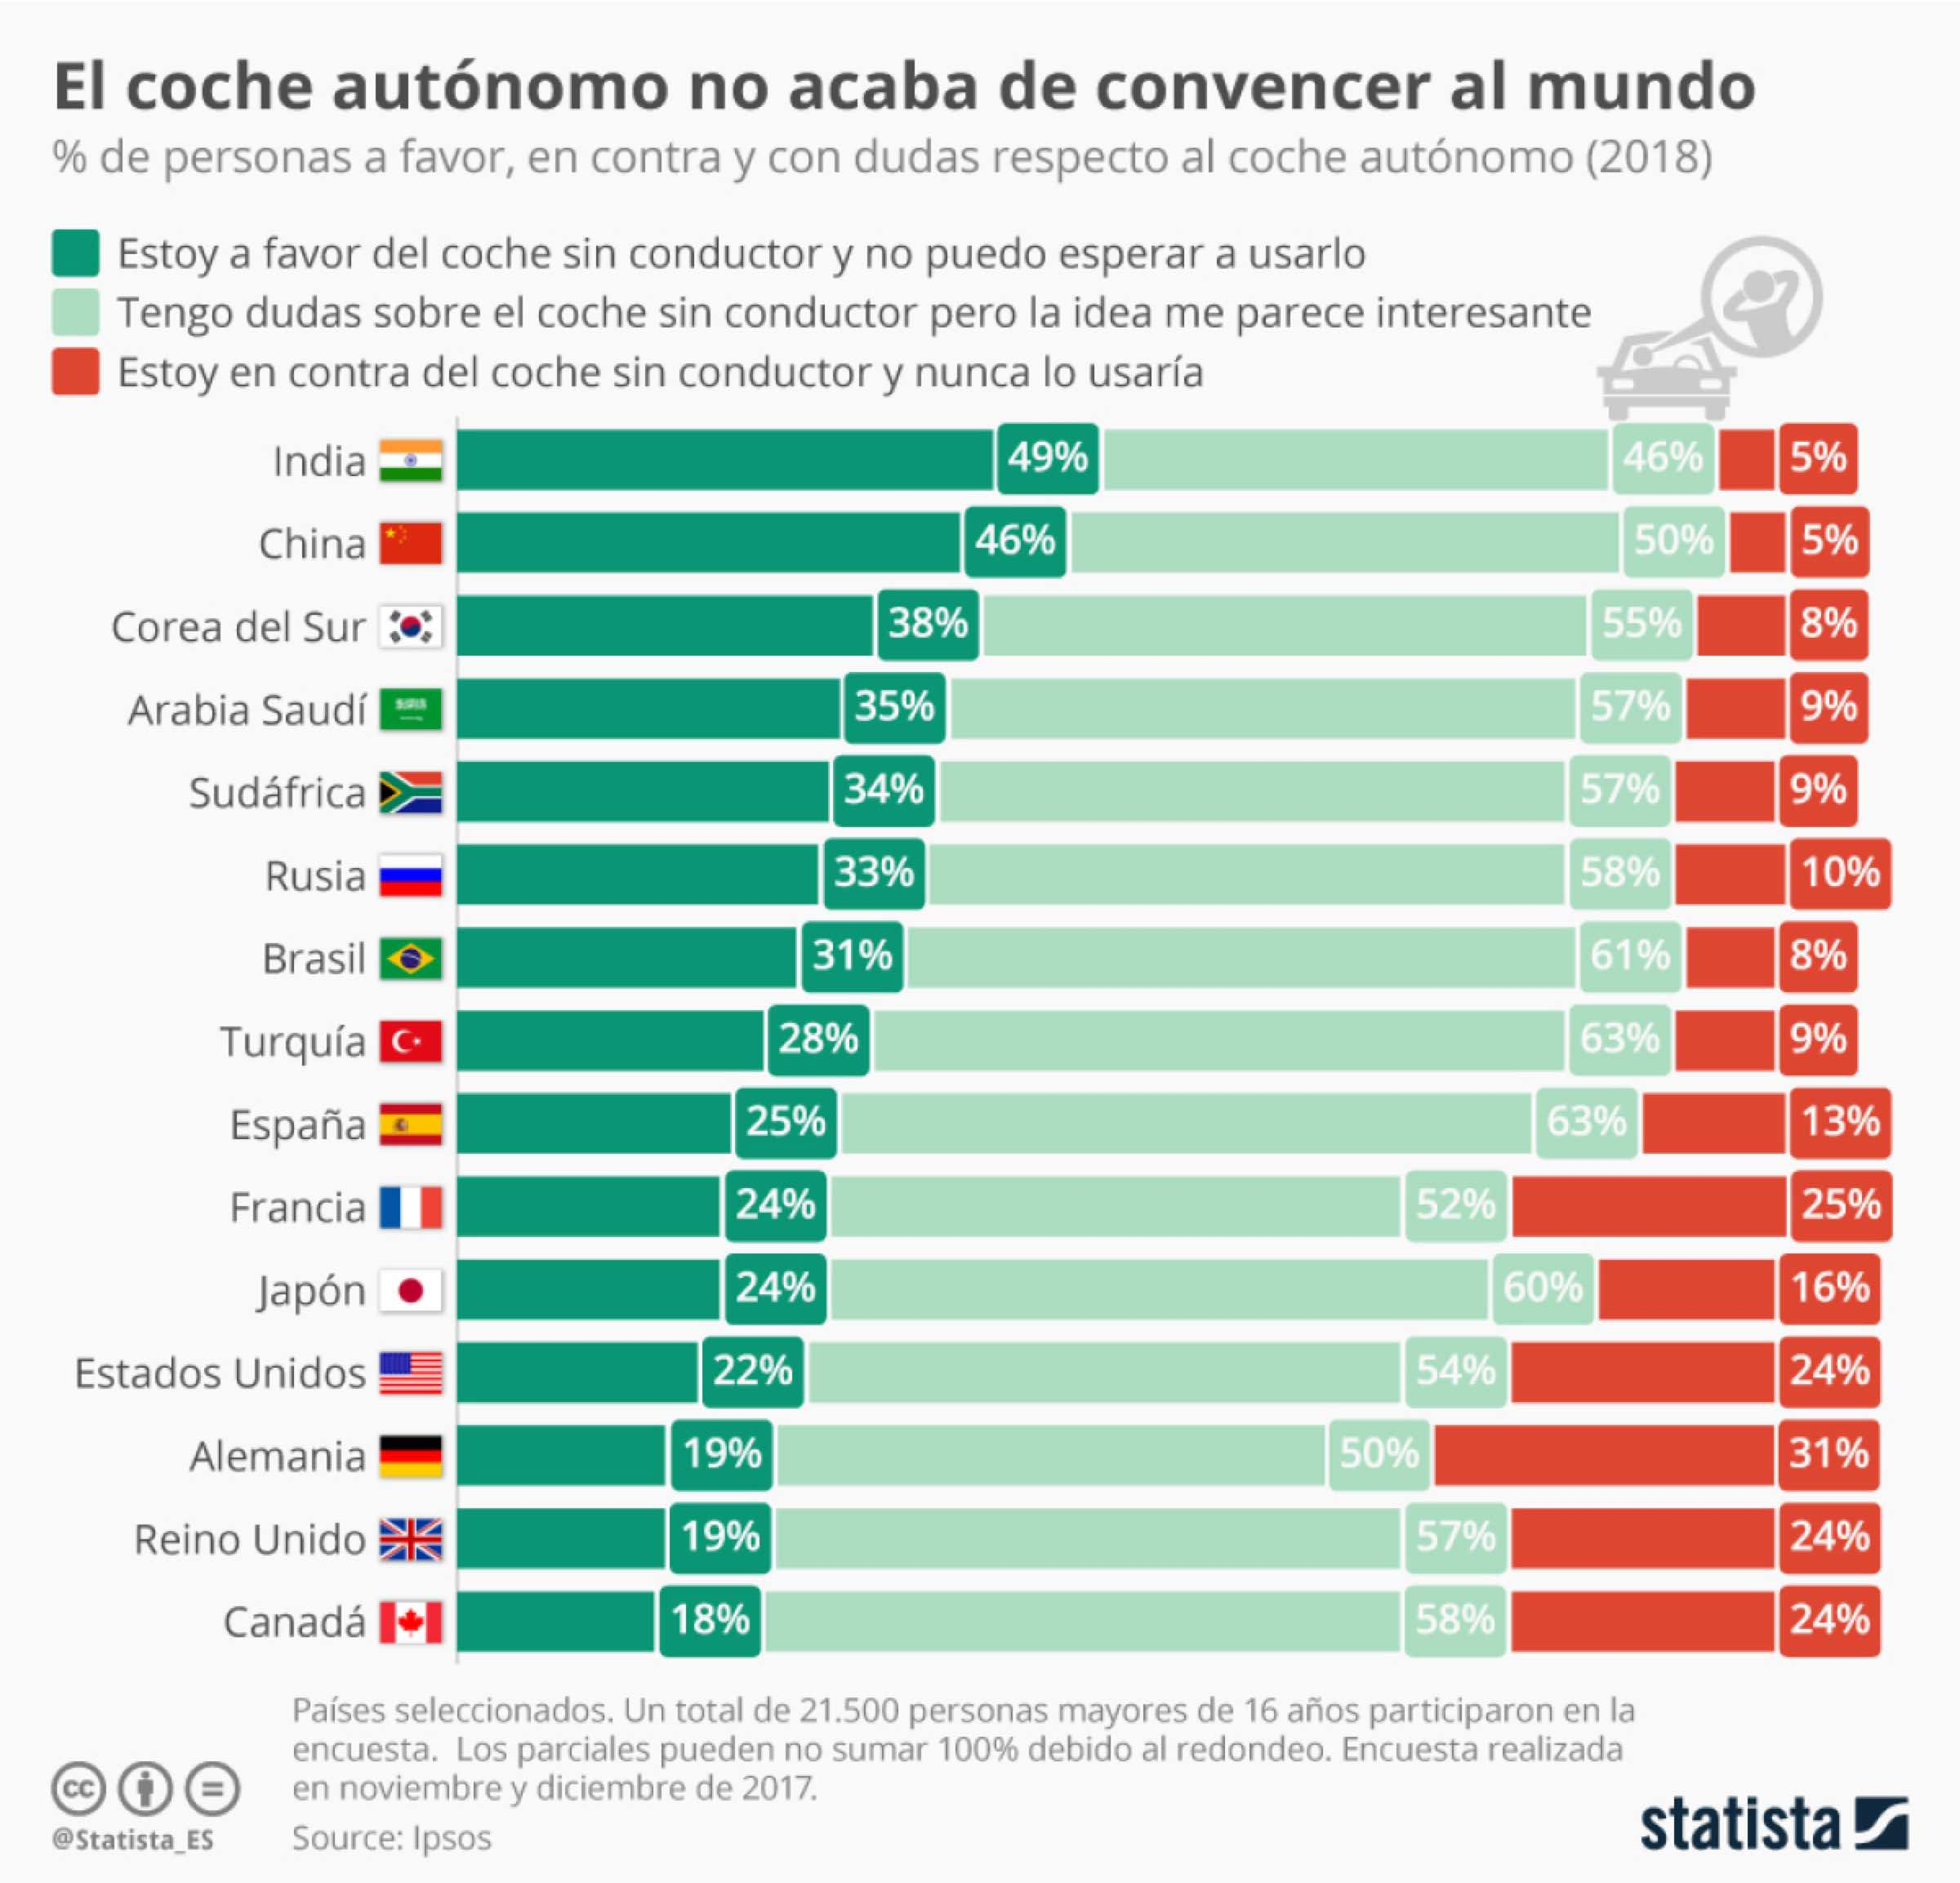 Gráfico coche autónomo (Statista)